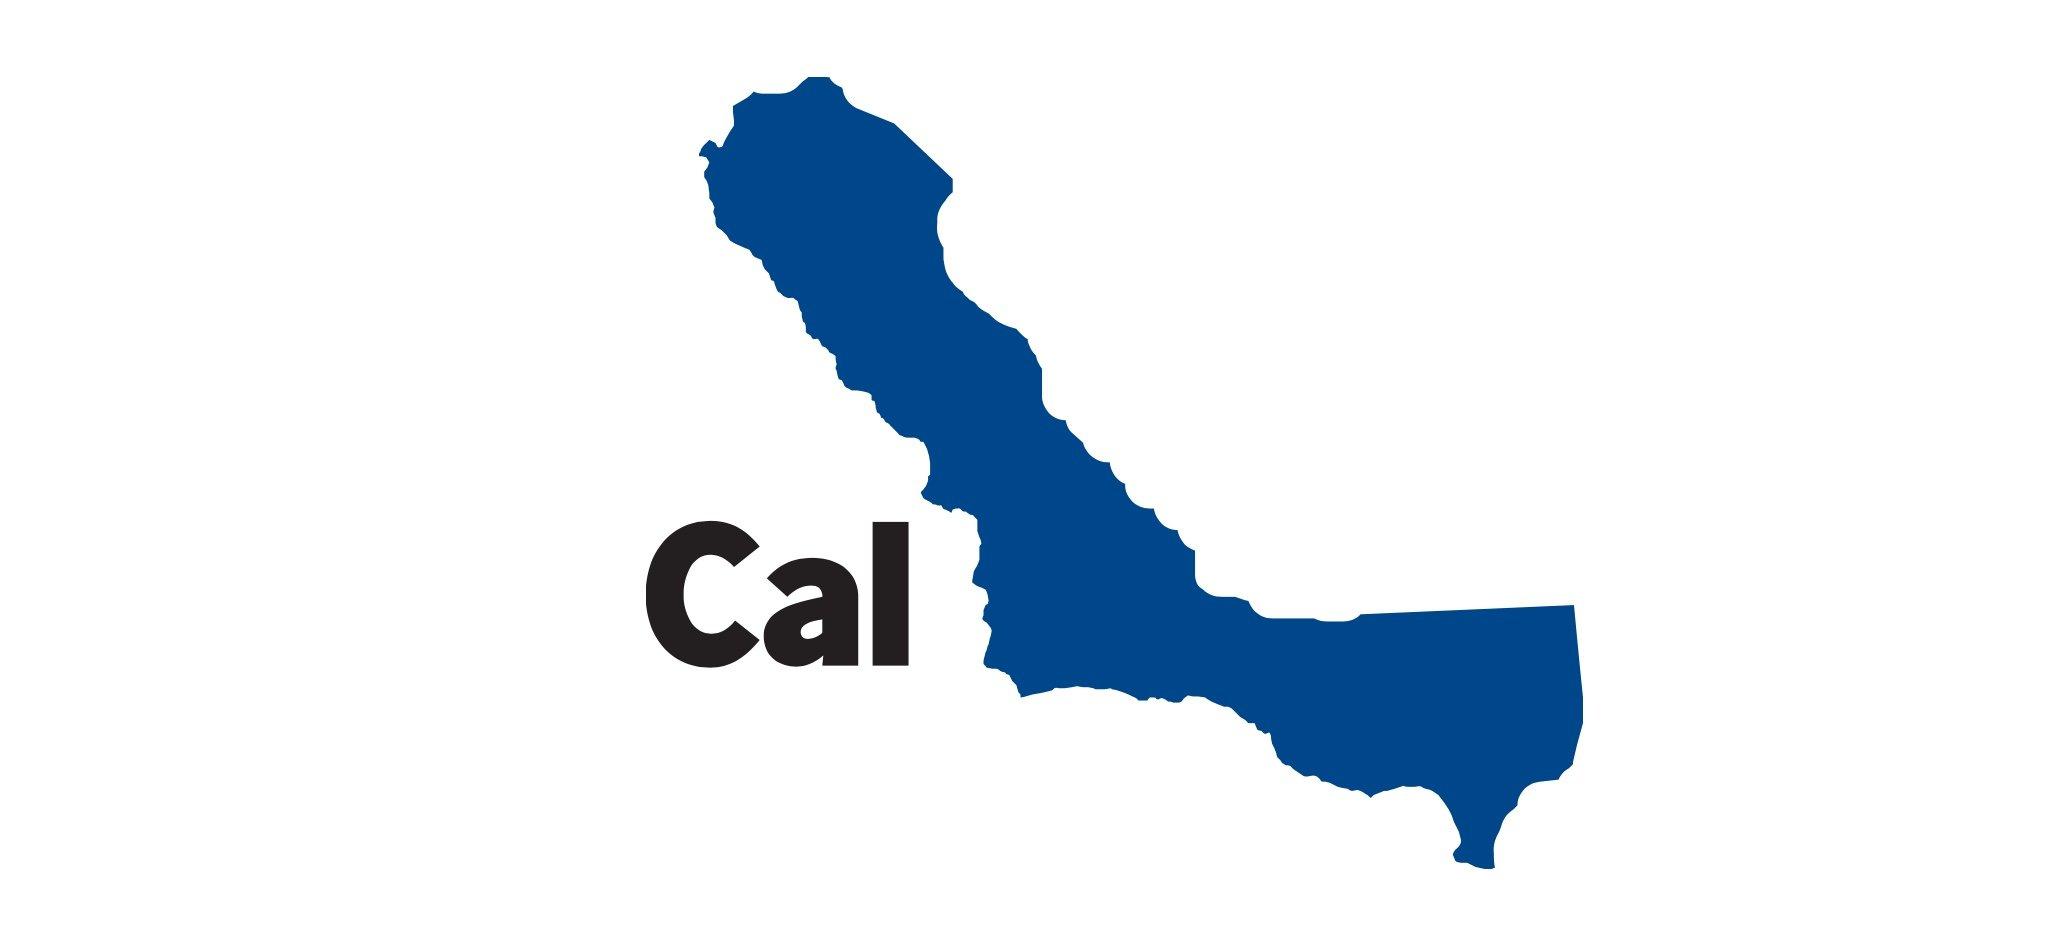 референдум в Калифорнии - Cal